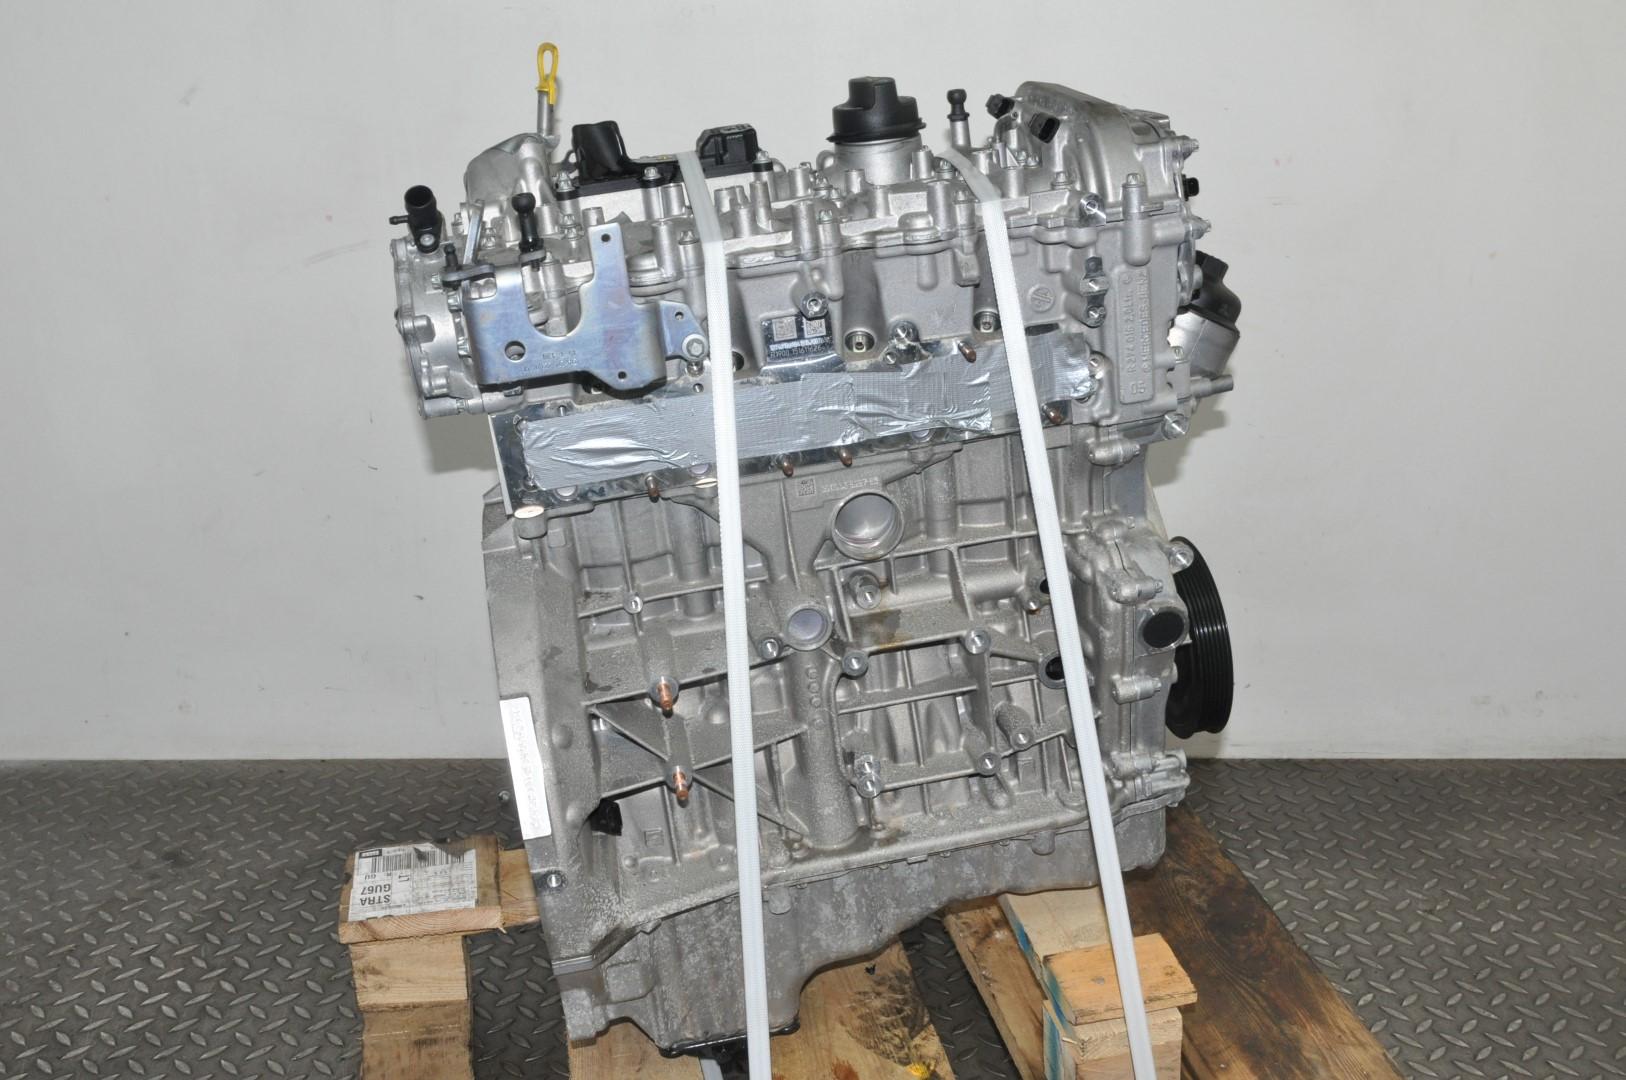 MERCEDES BENZ C200 W205 2016 RHD PETROL 2.0 ENGINE MOTOR 274.920 135 kW